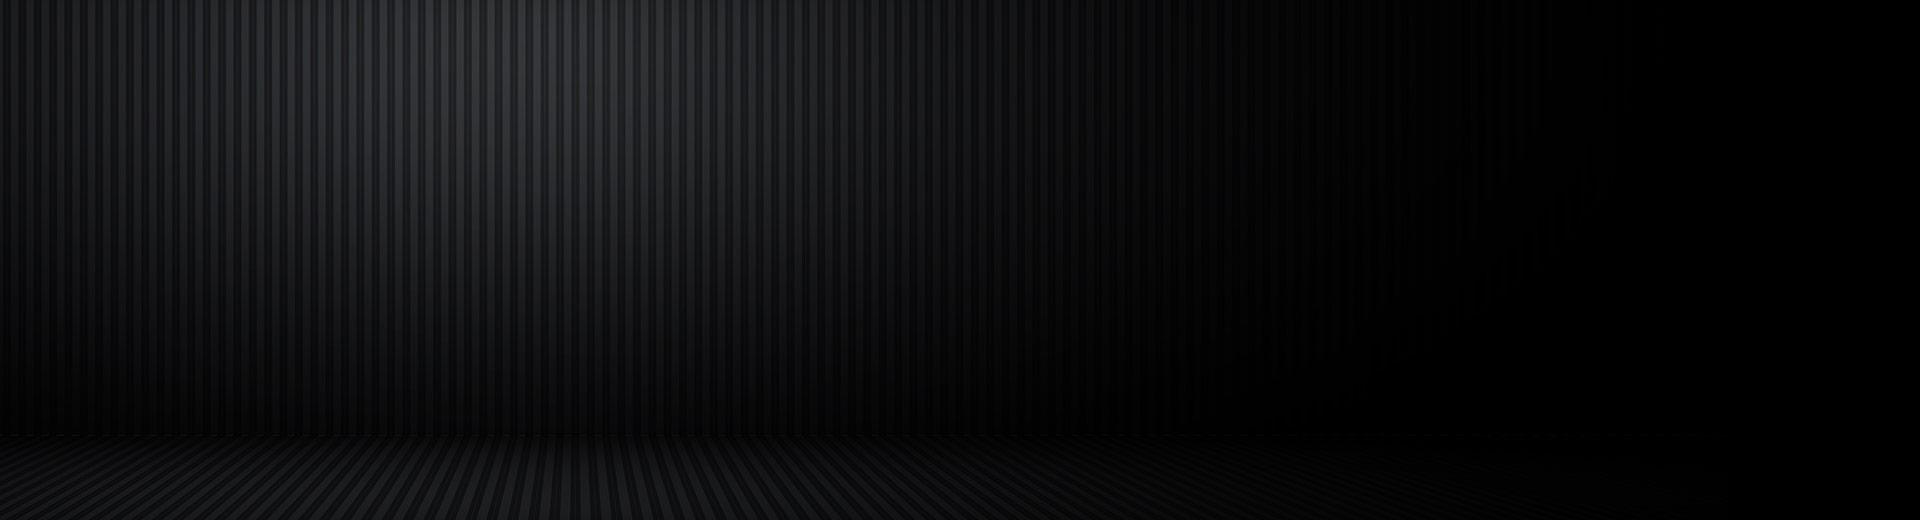 C10BK-1920x520-1526